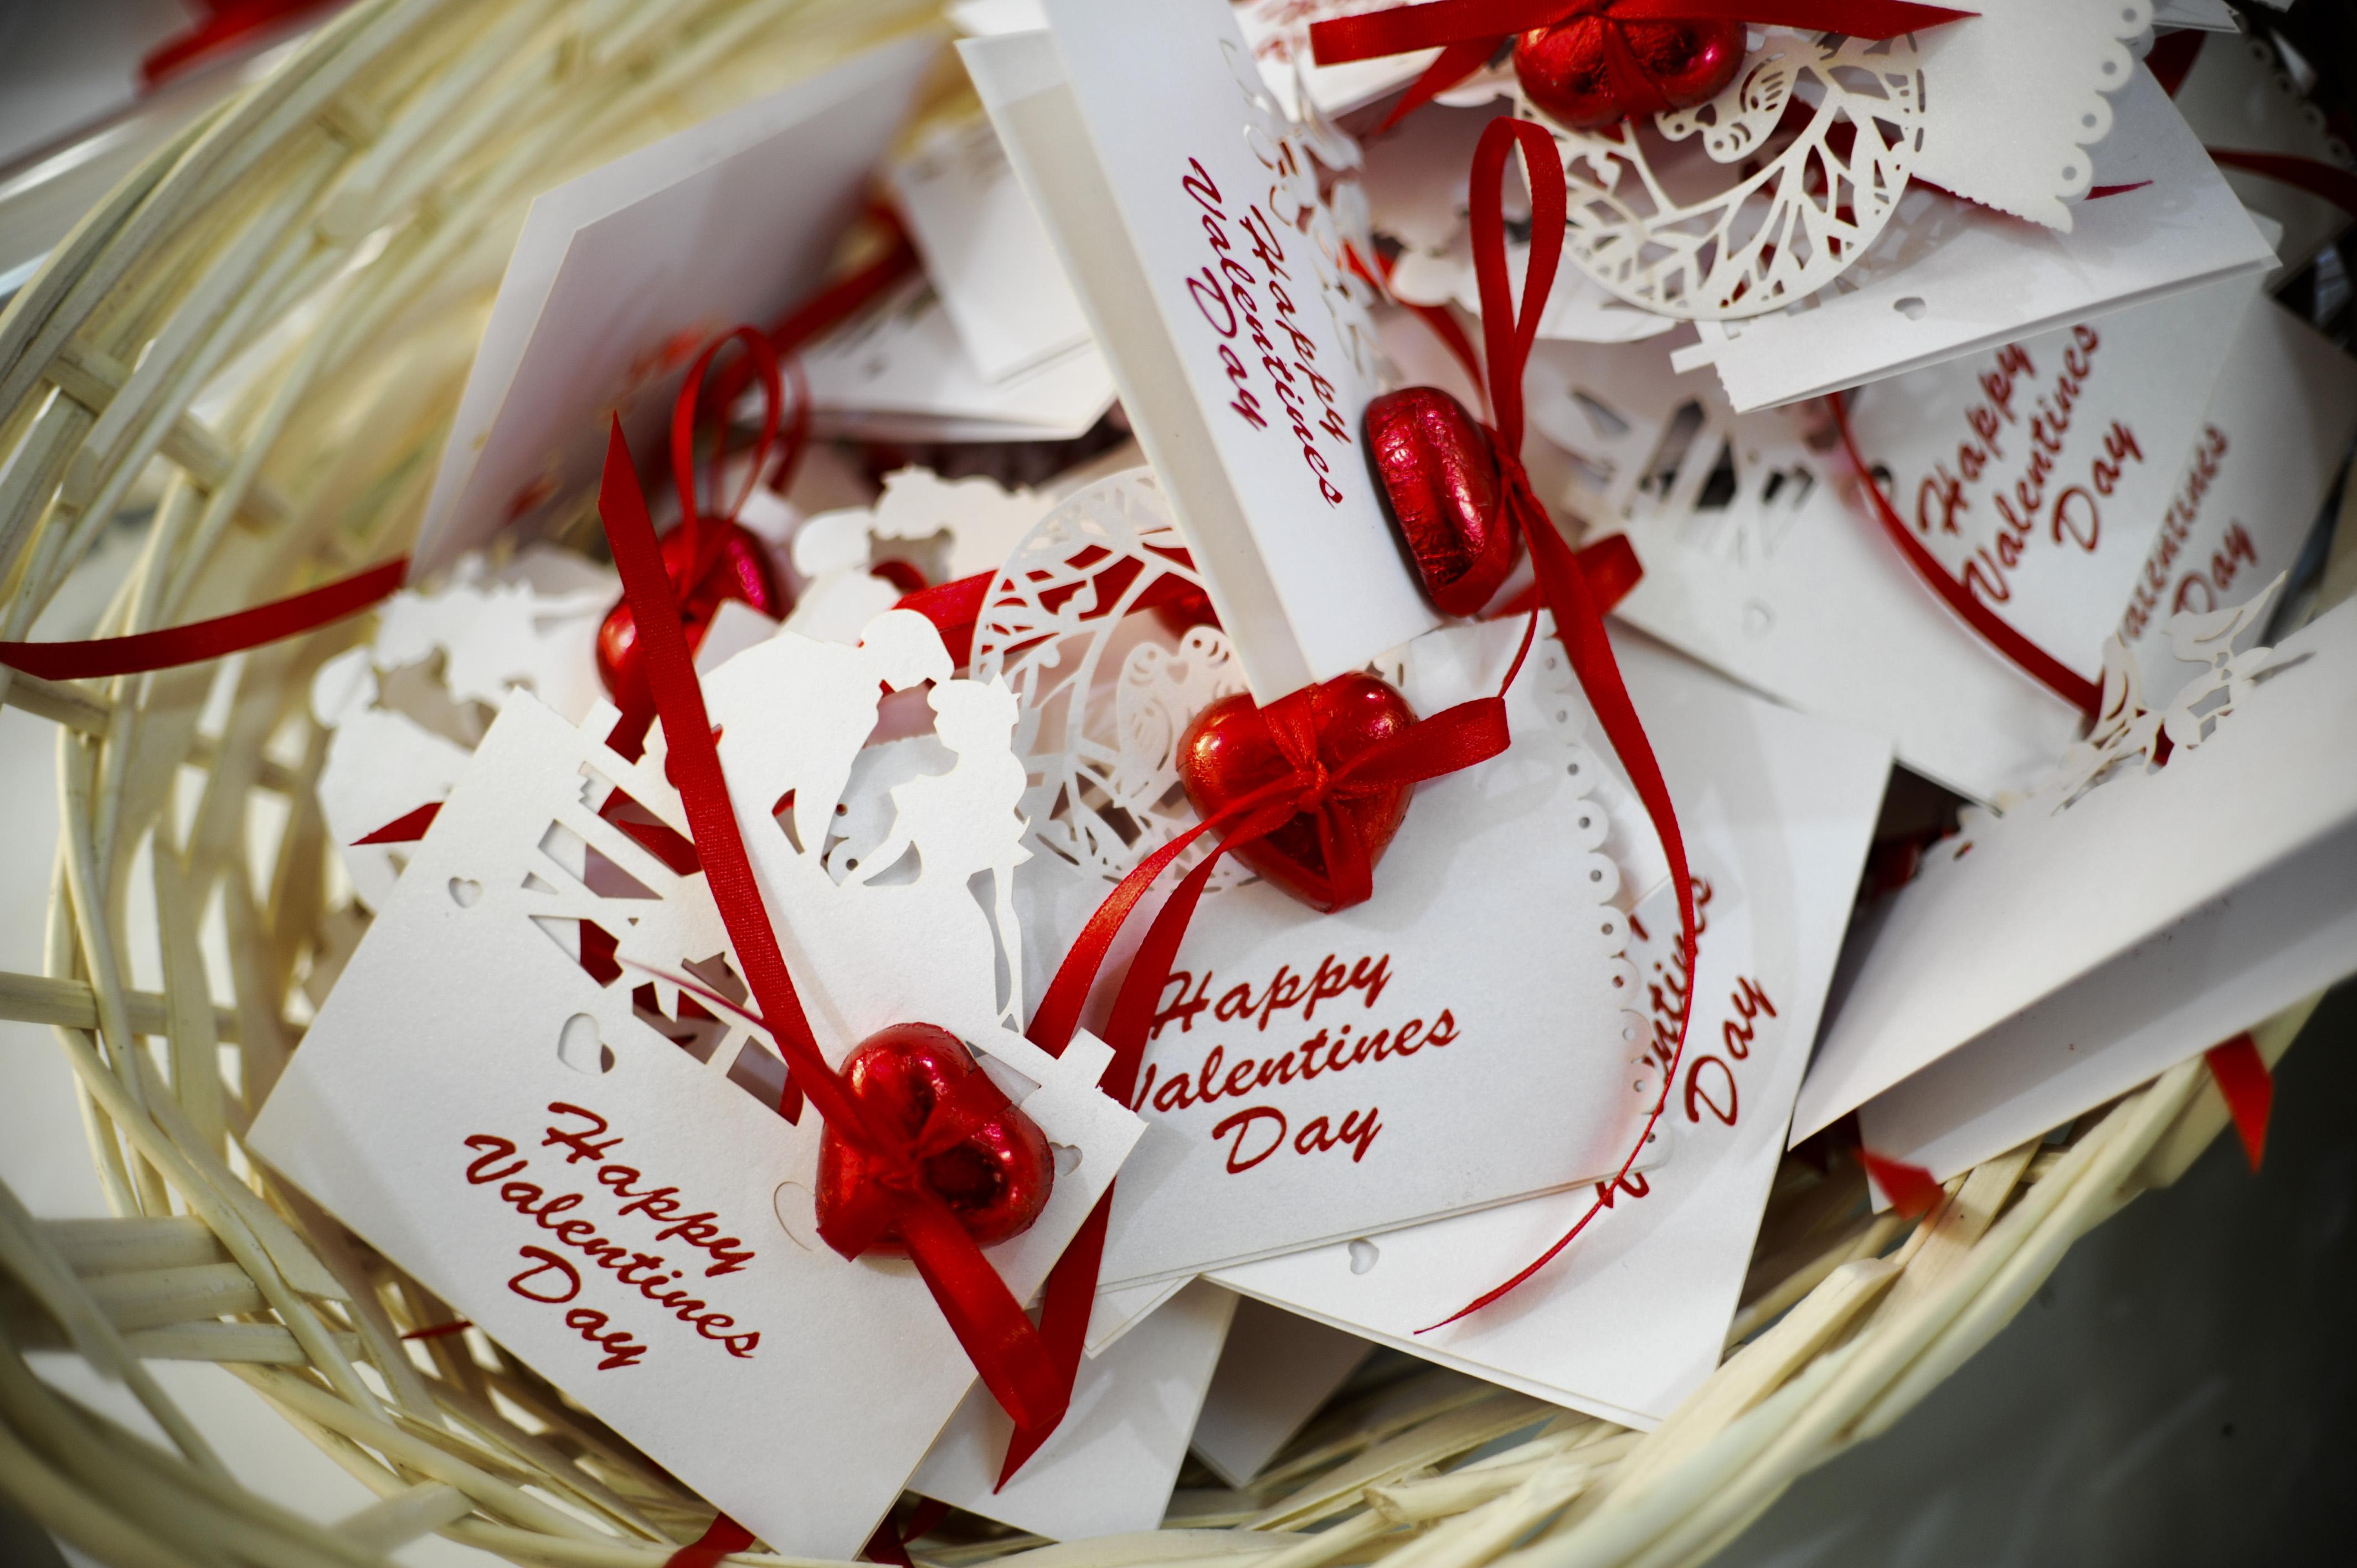 San valentino regali fai da te ed economici da realizzare for Casa fai da te idee